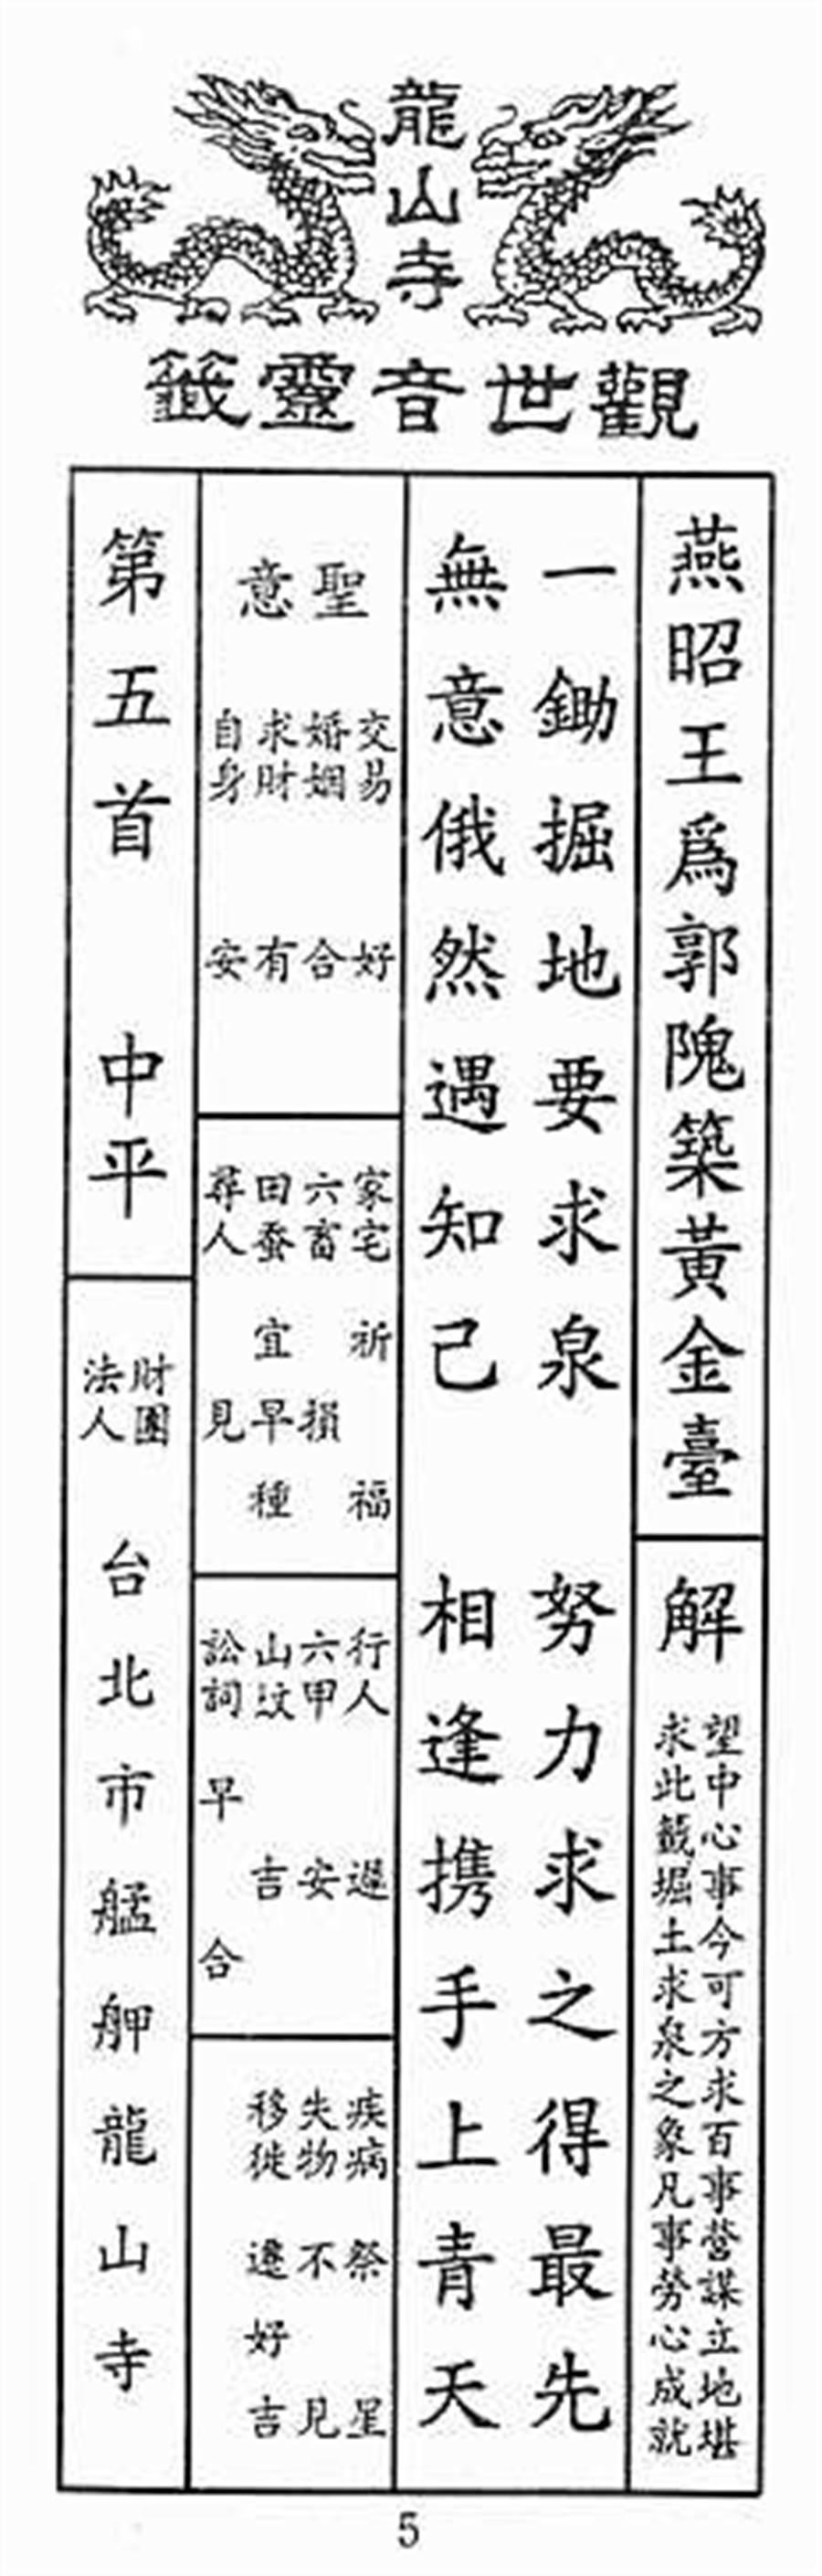 觀音佛祖第5籤「燕昭王為郭隗築黃金臺」。(江嘉葉提供)